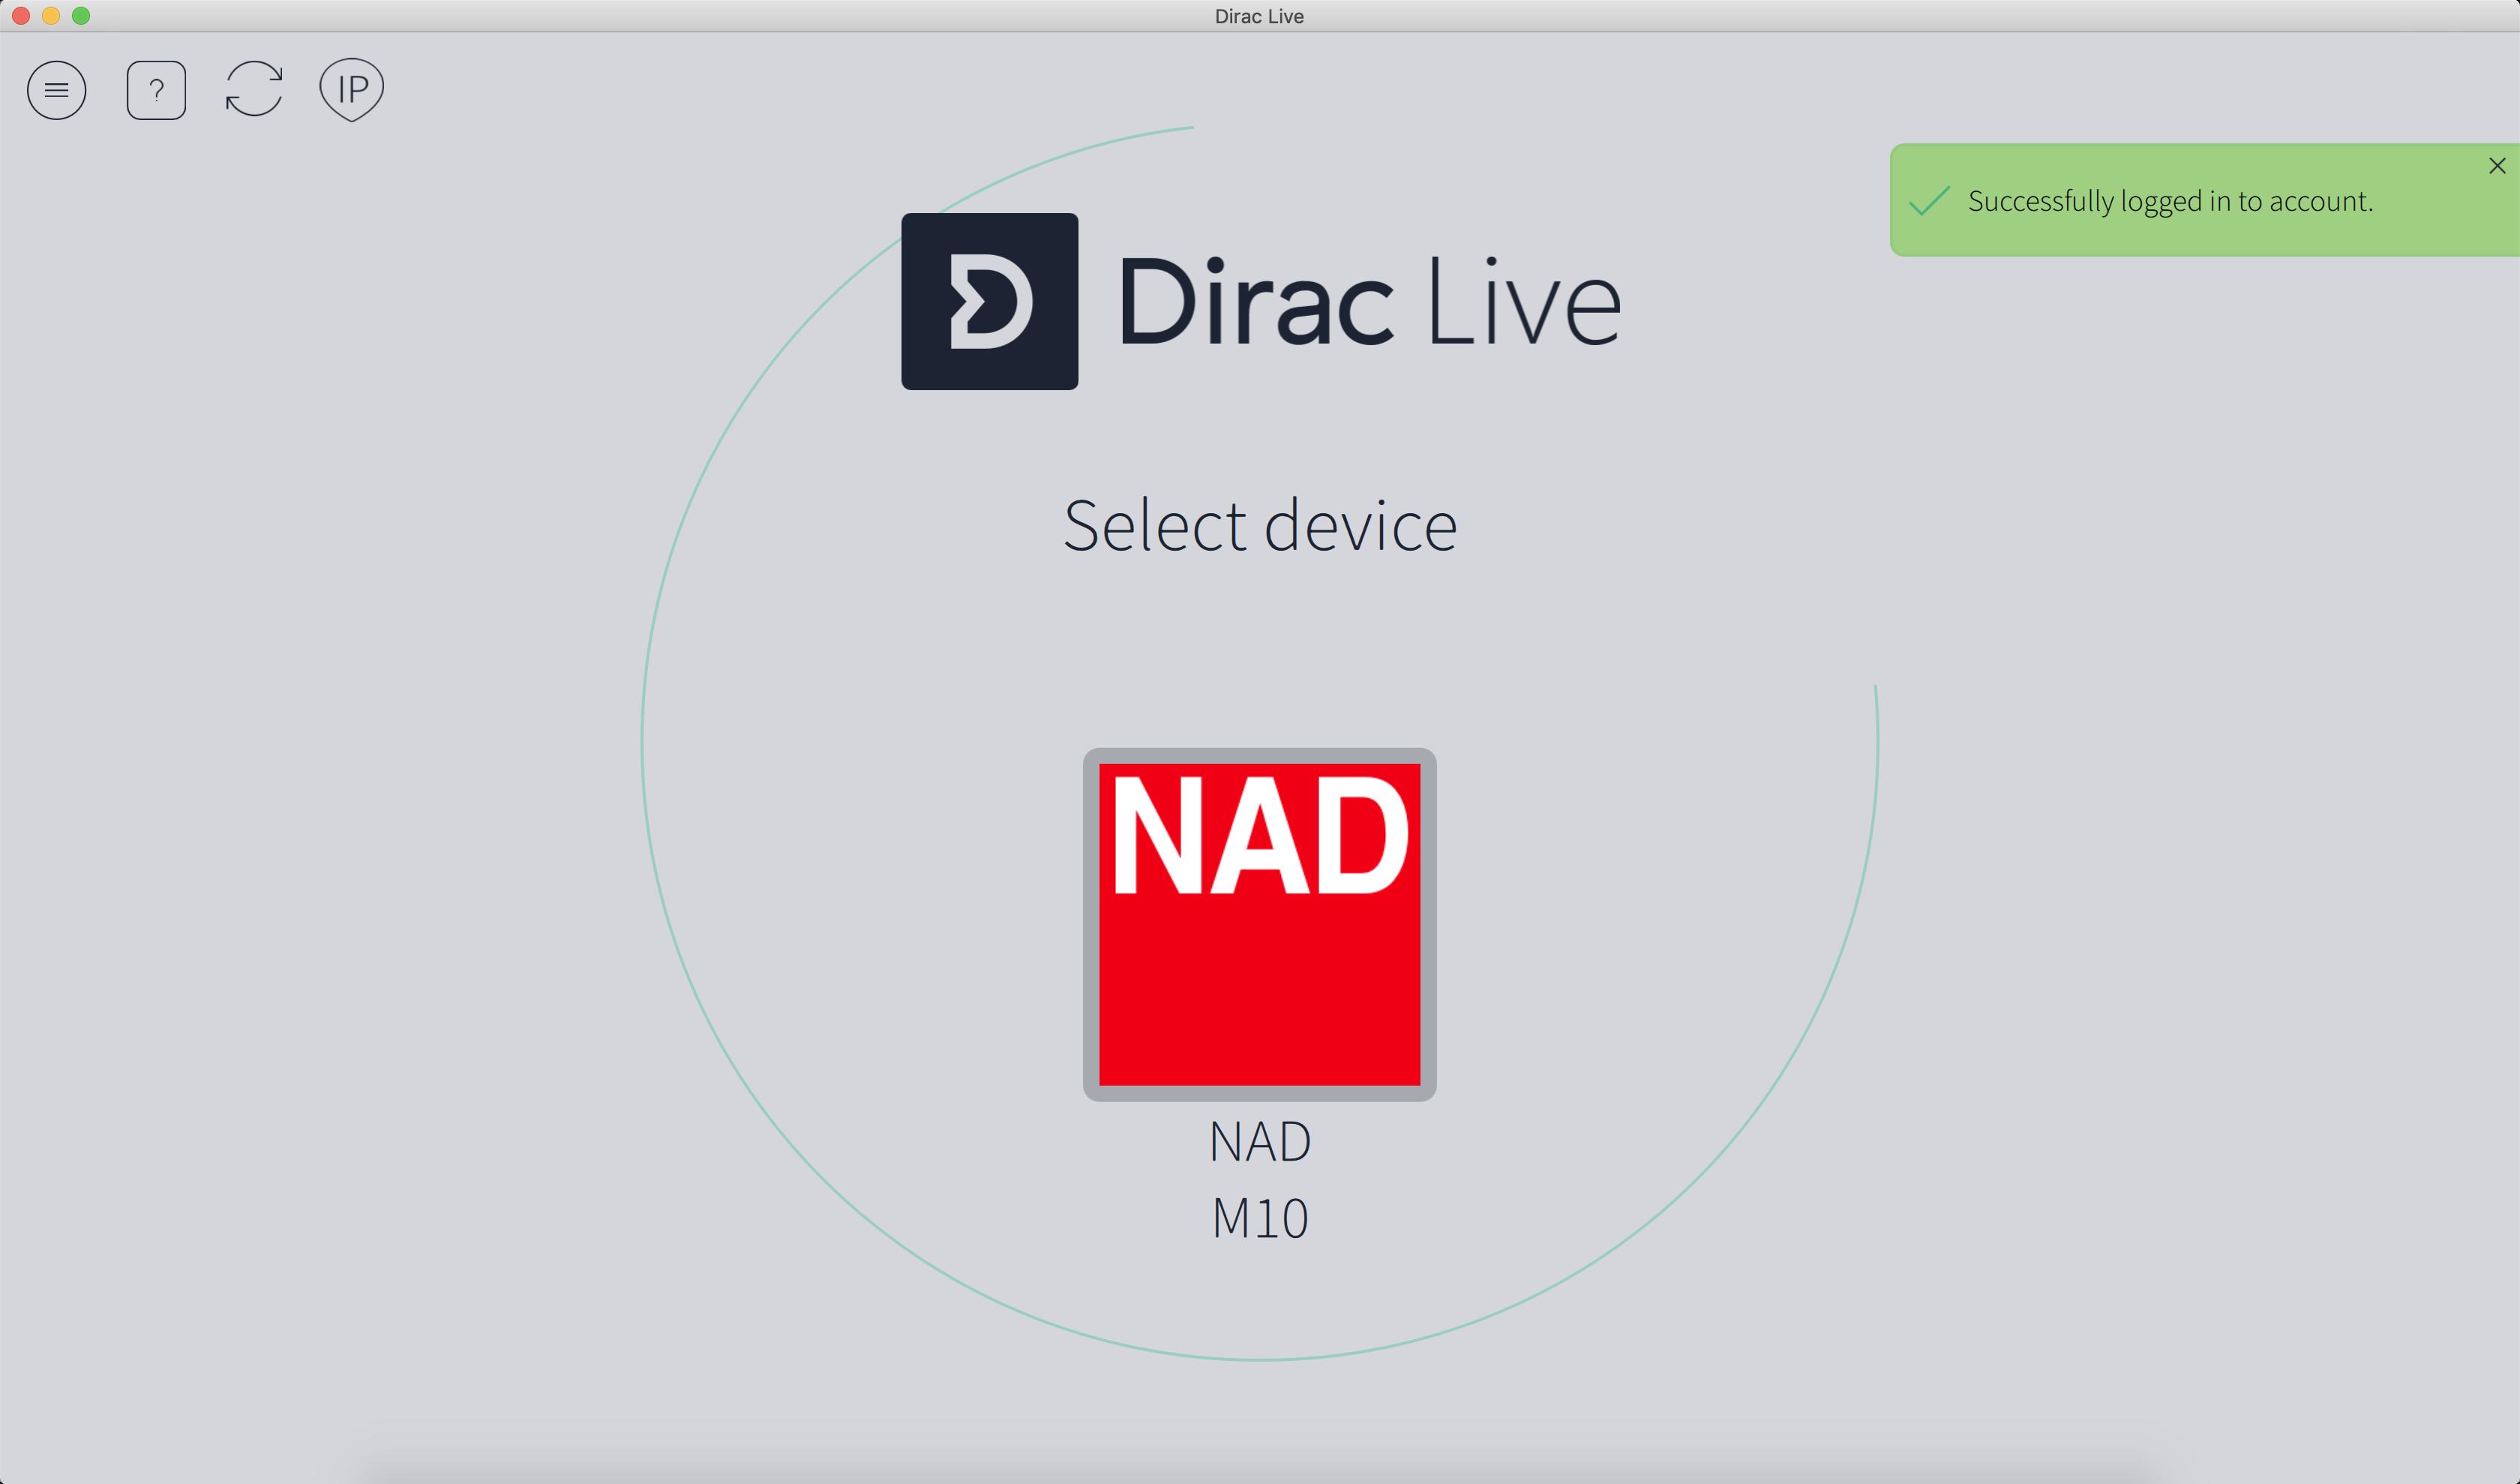 Sélection de l'appareil à calibrer : le NAD M10 dans notre cas.